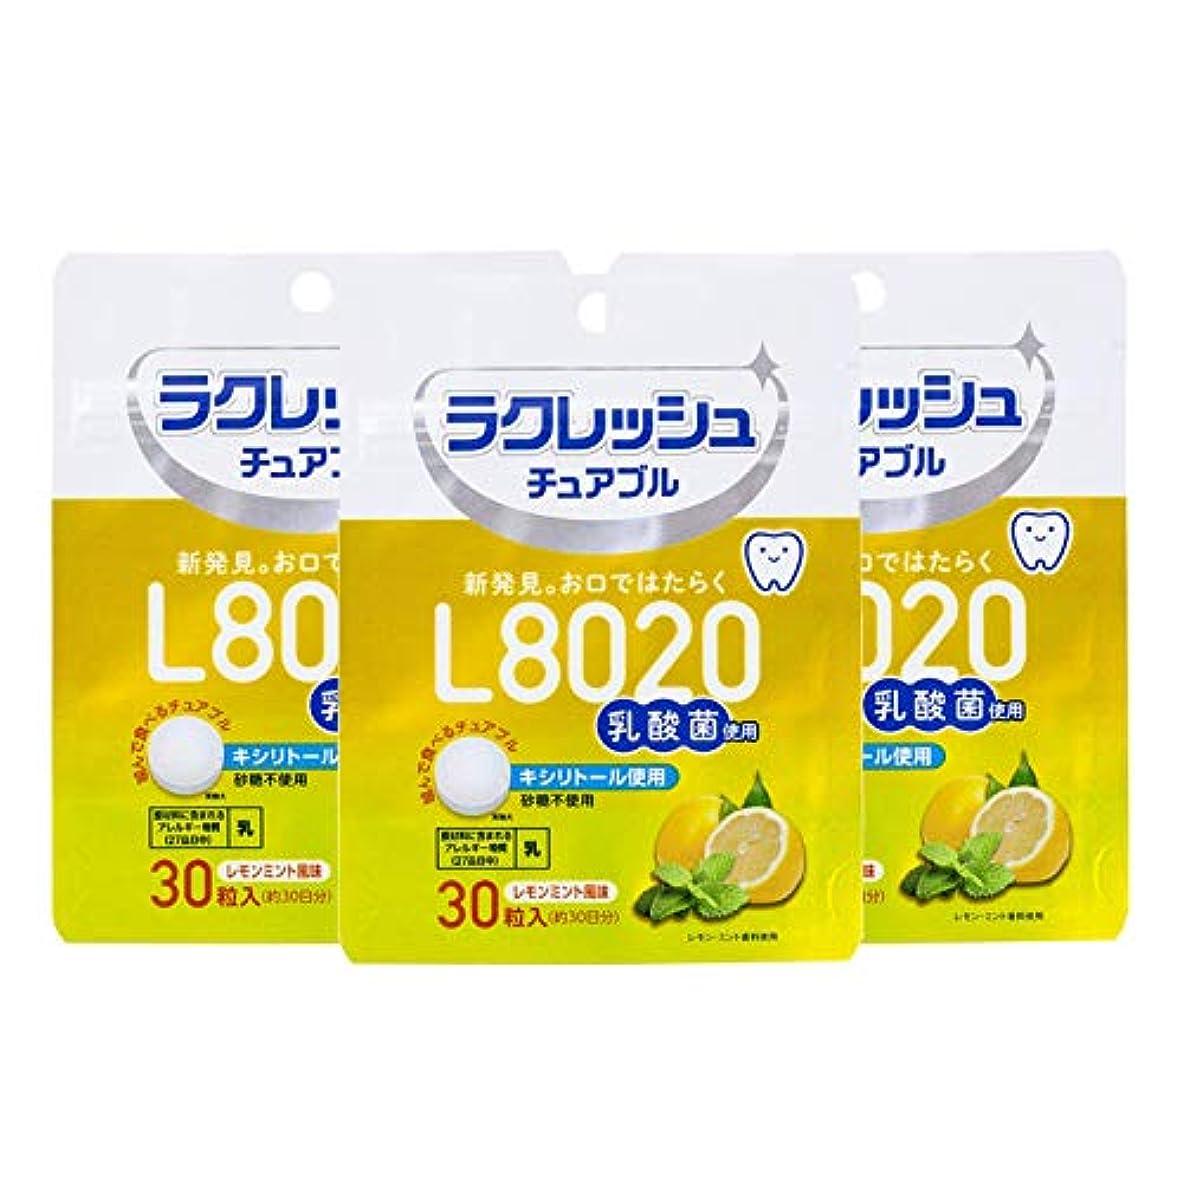 移民同じ長方形L8020乳酸菌ラクレッシュ チュアブル レモンミント風味(30粒) 3袋 タブレット